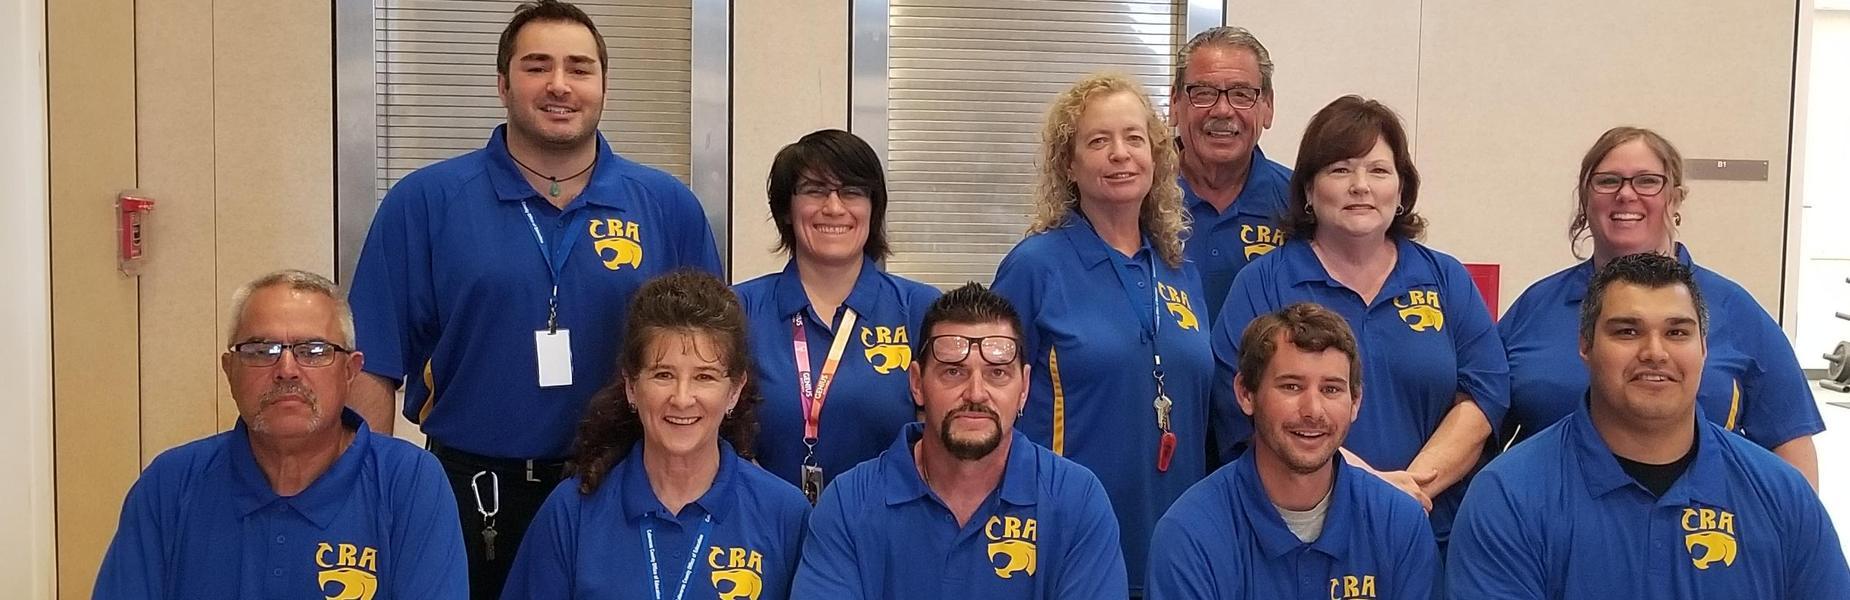 Team CRA